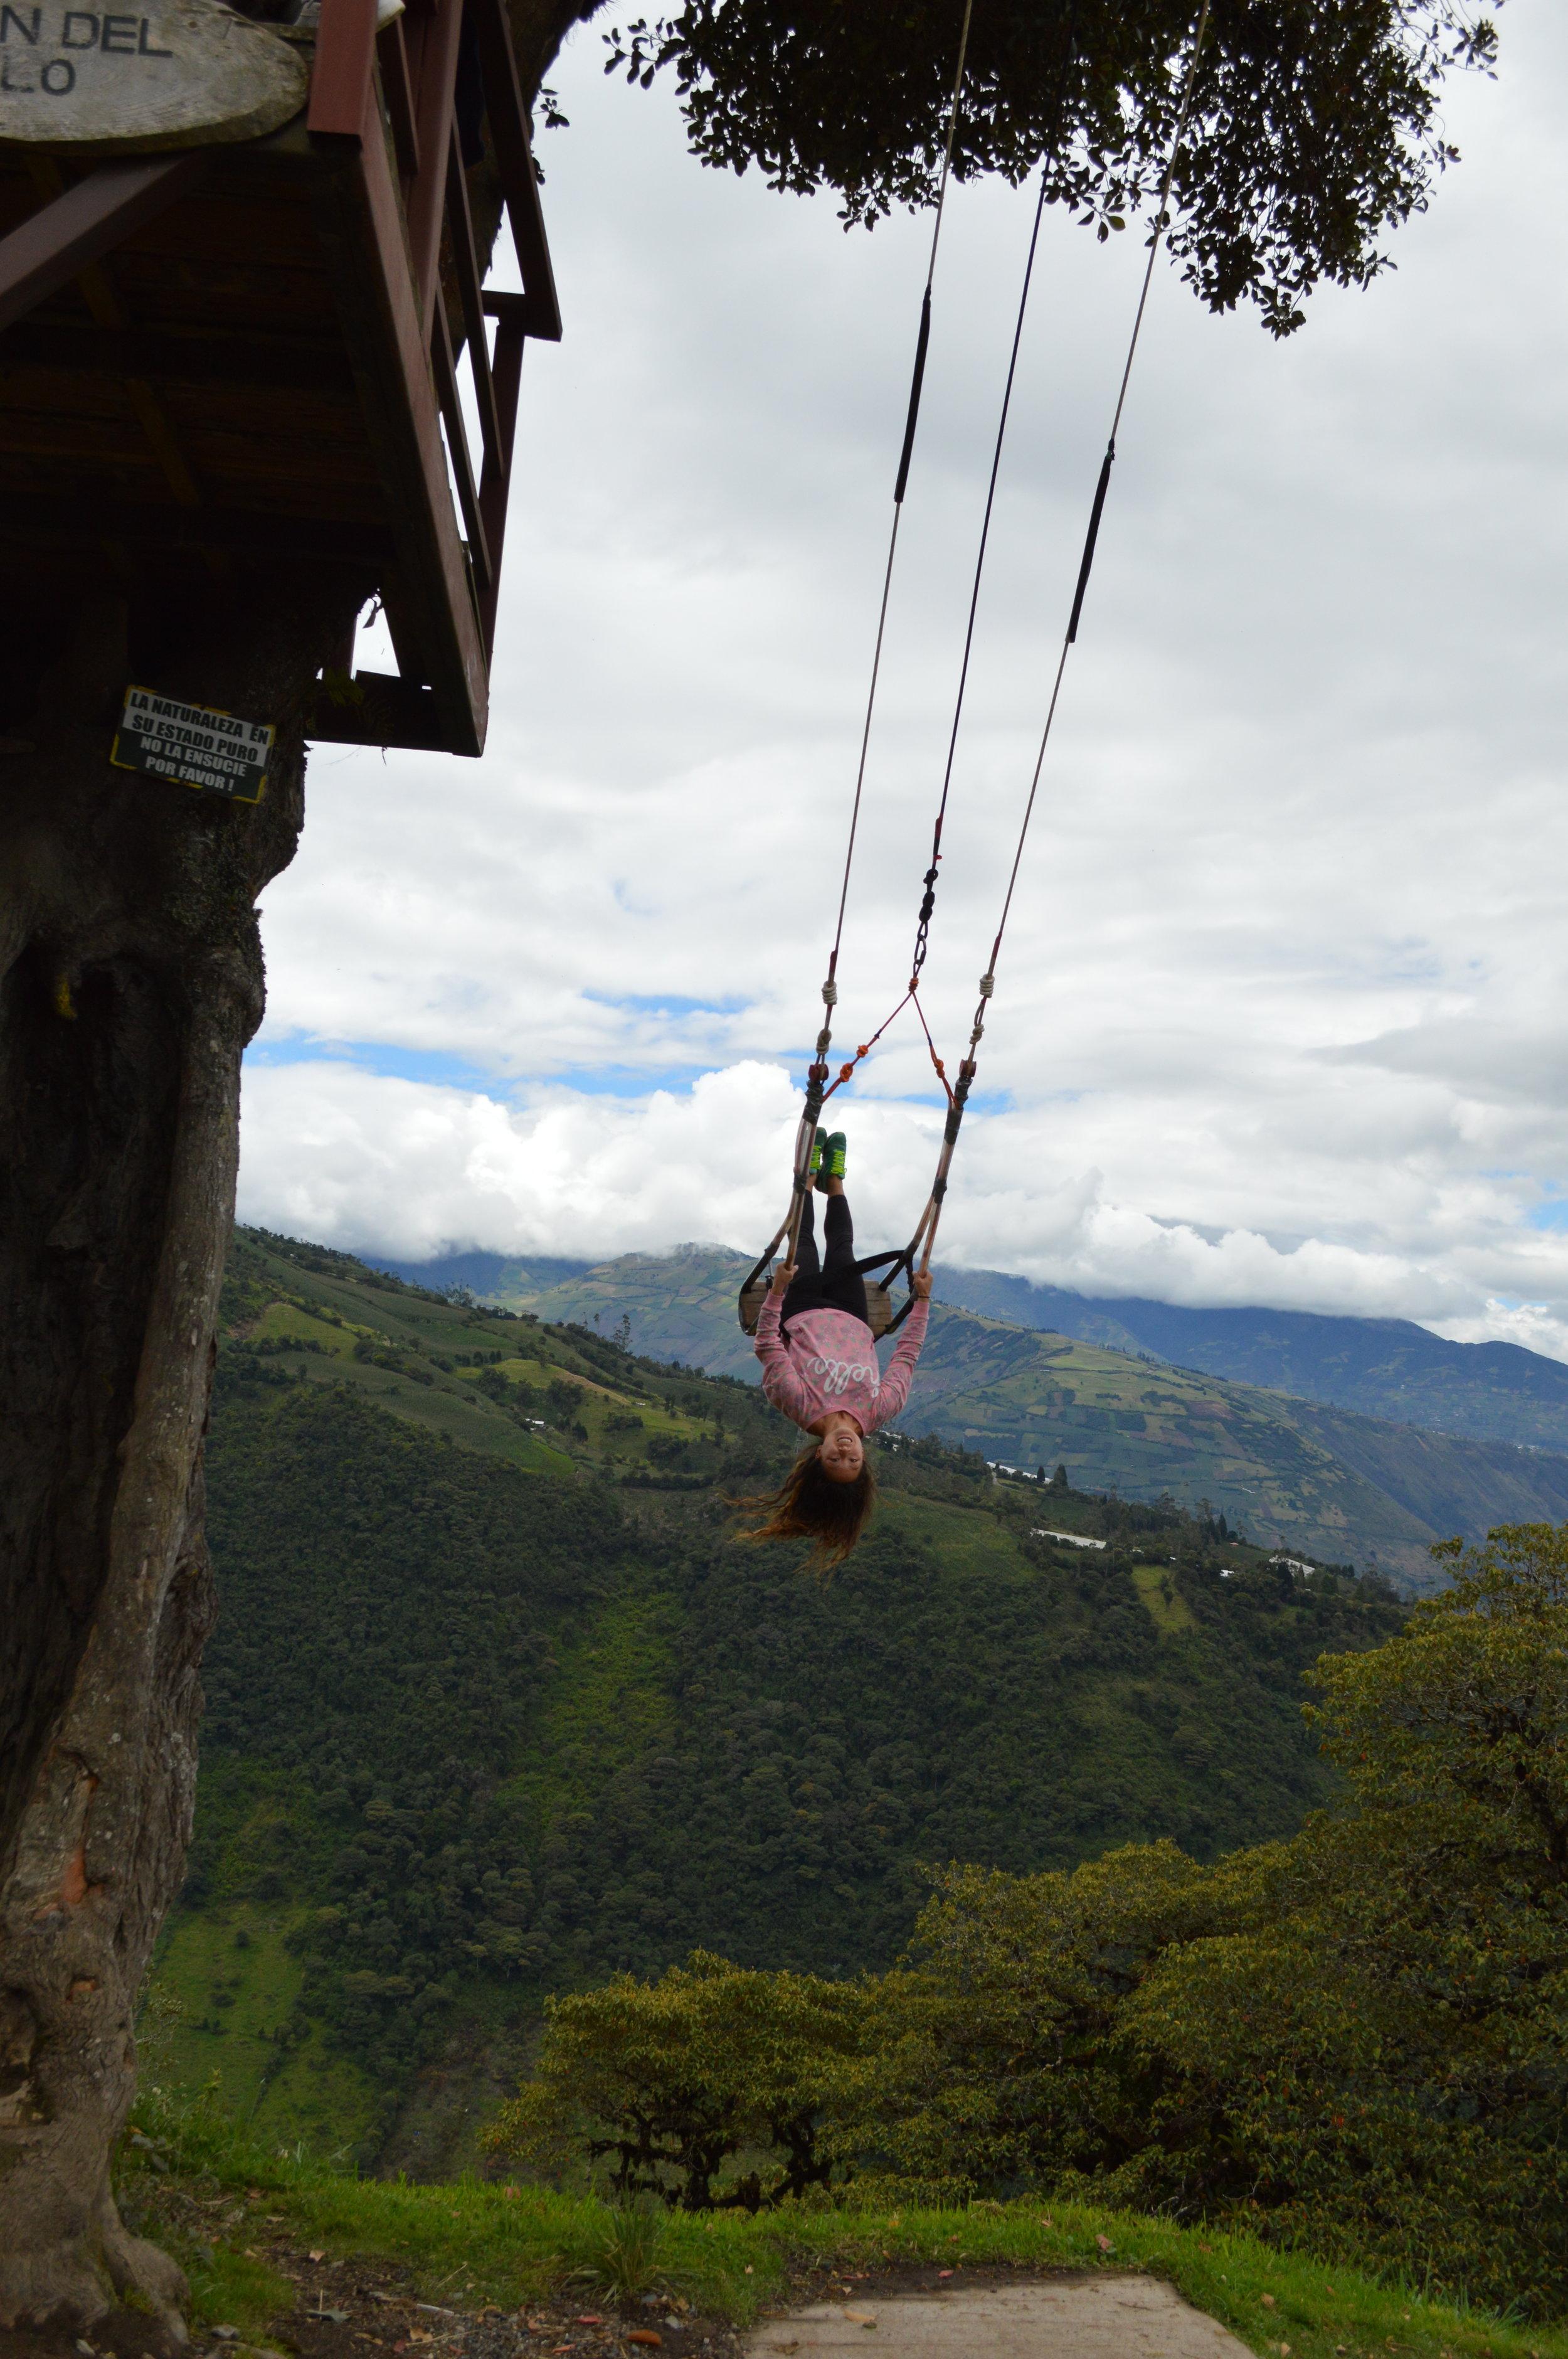 Swing upside-down!